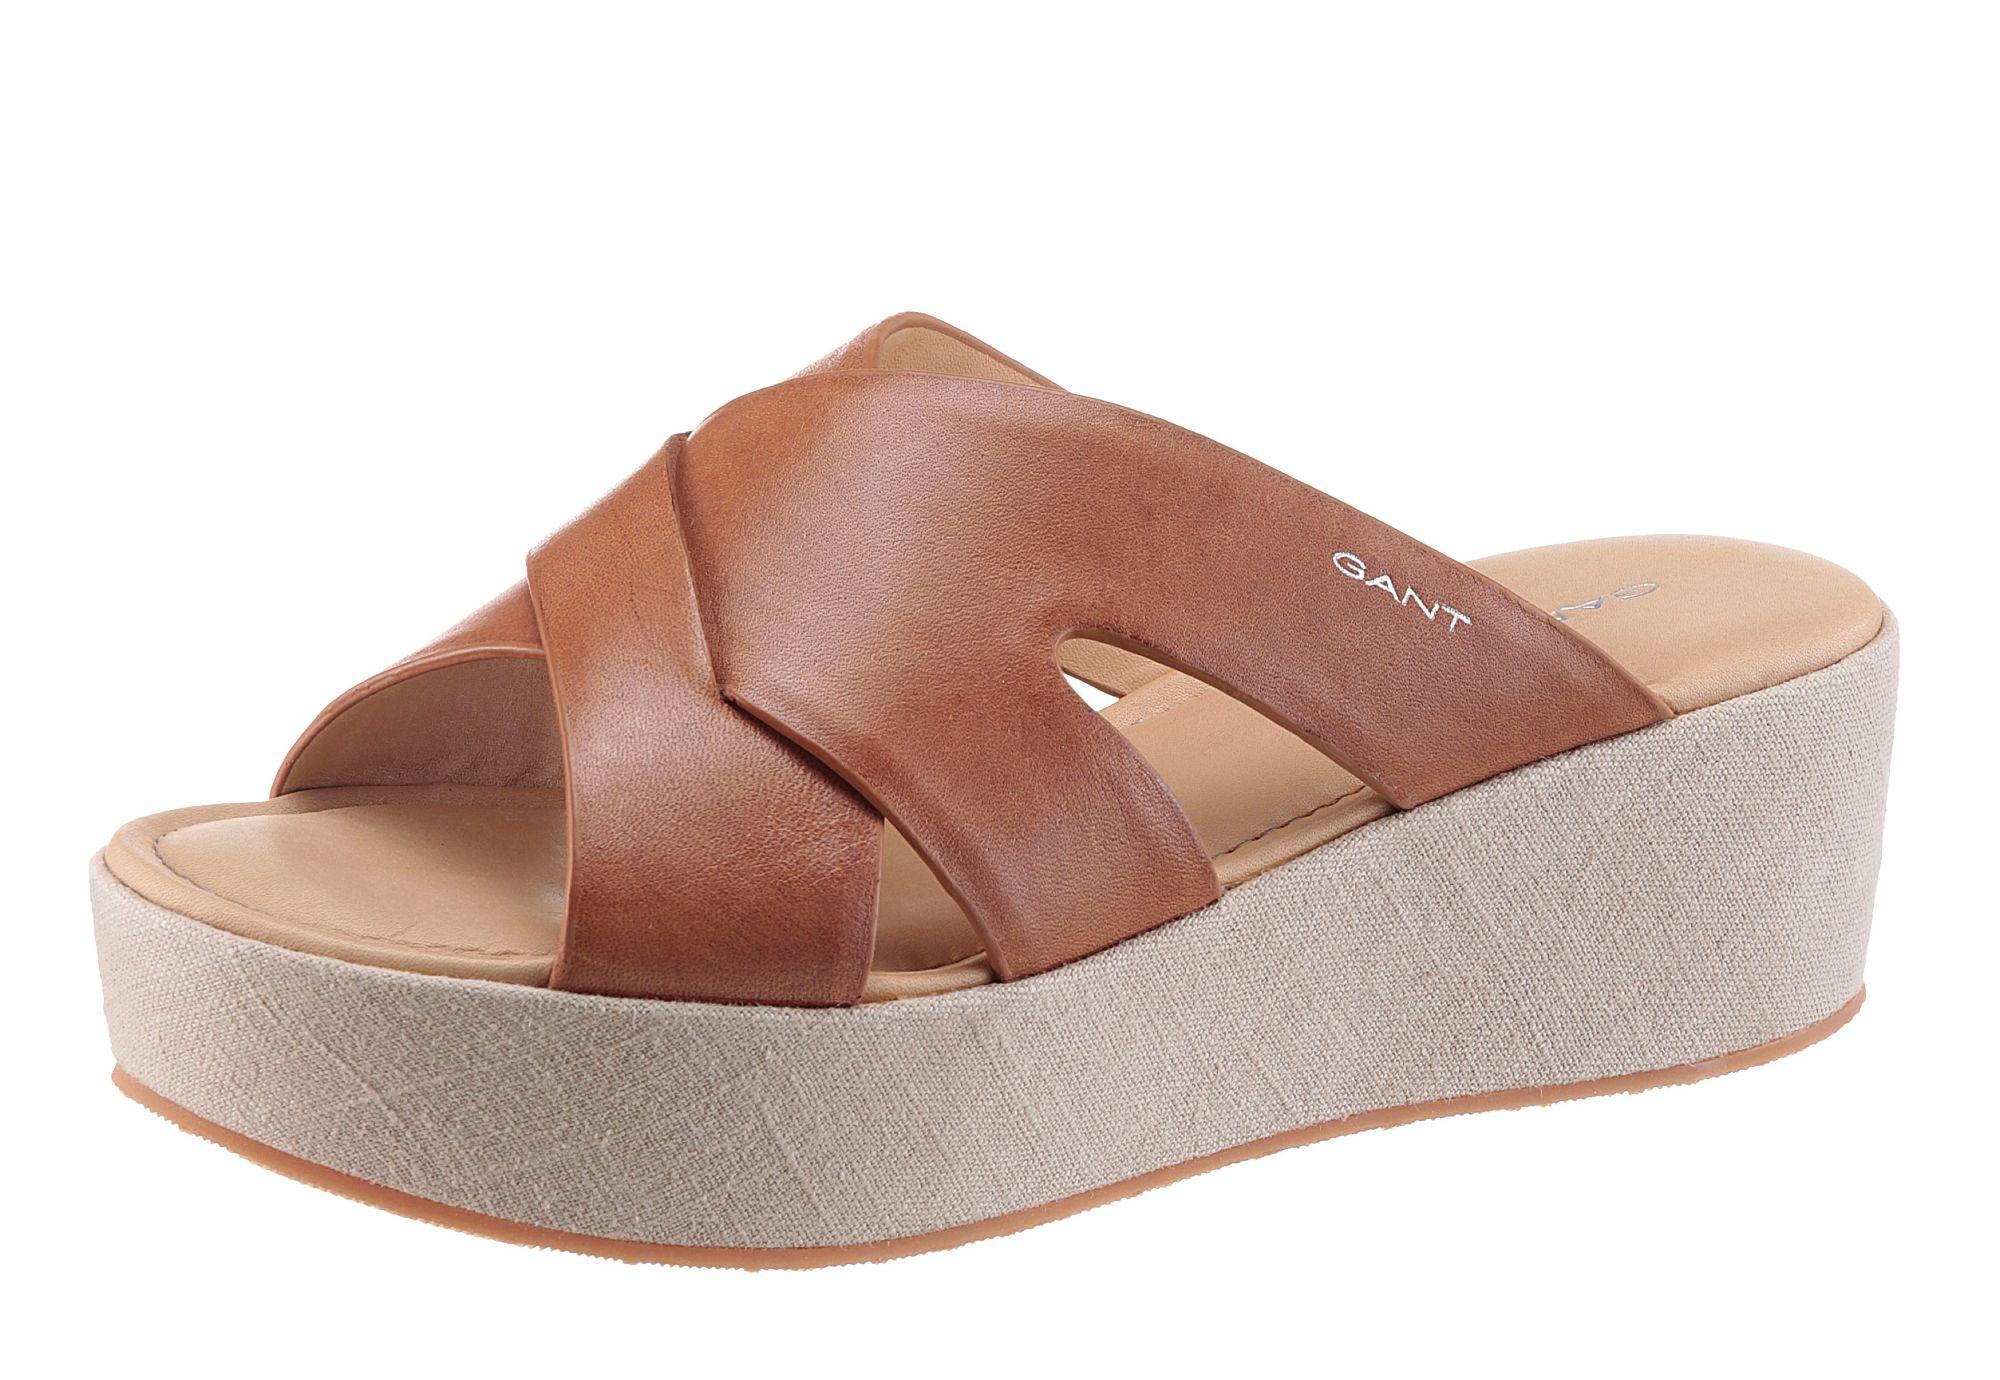 GANT FOOTWEAR Gant Footwear Keilpantolette